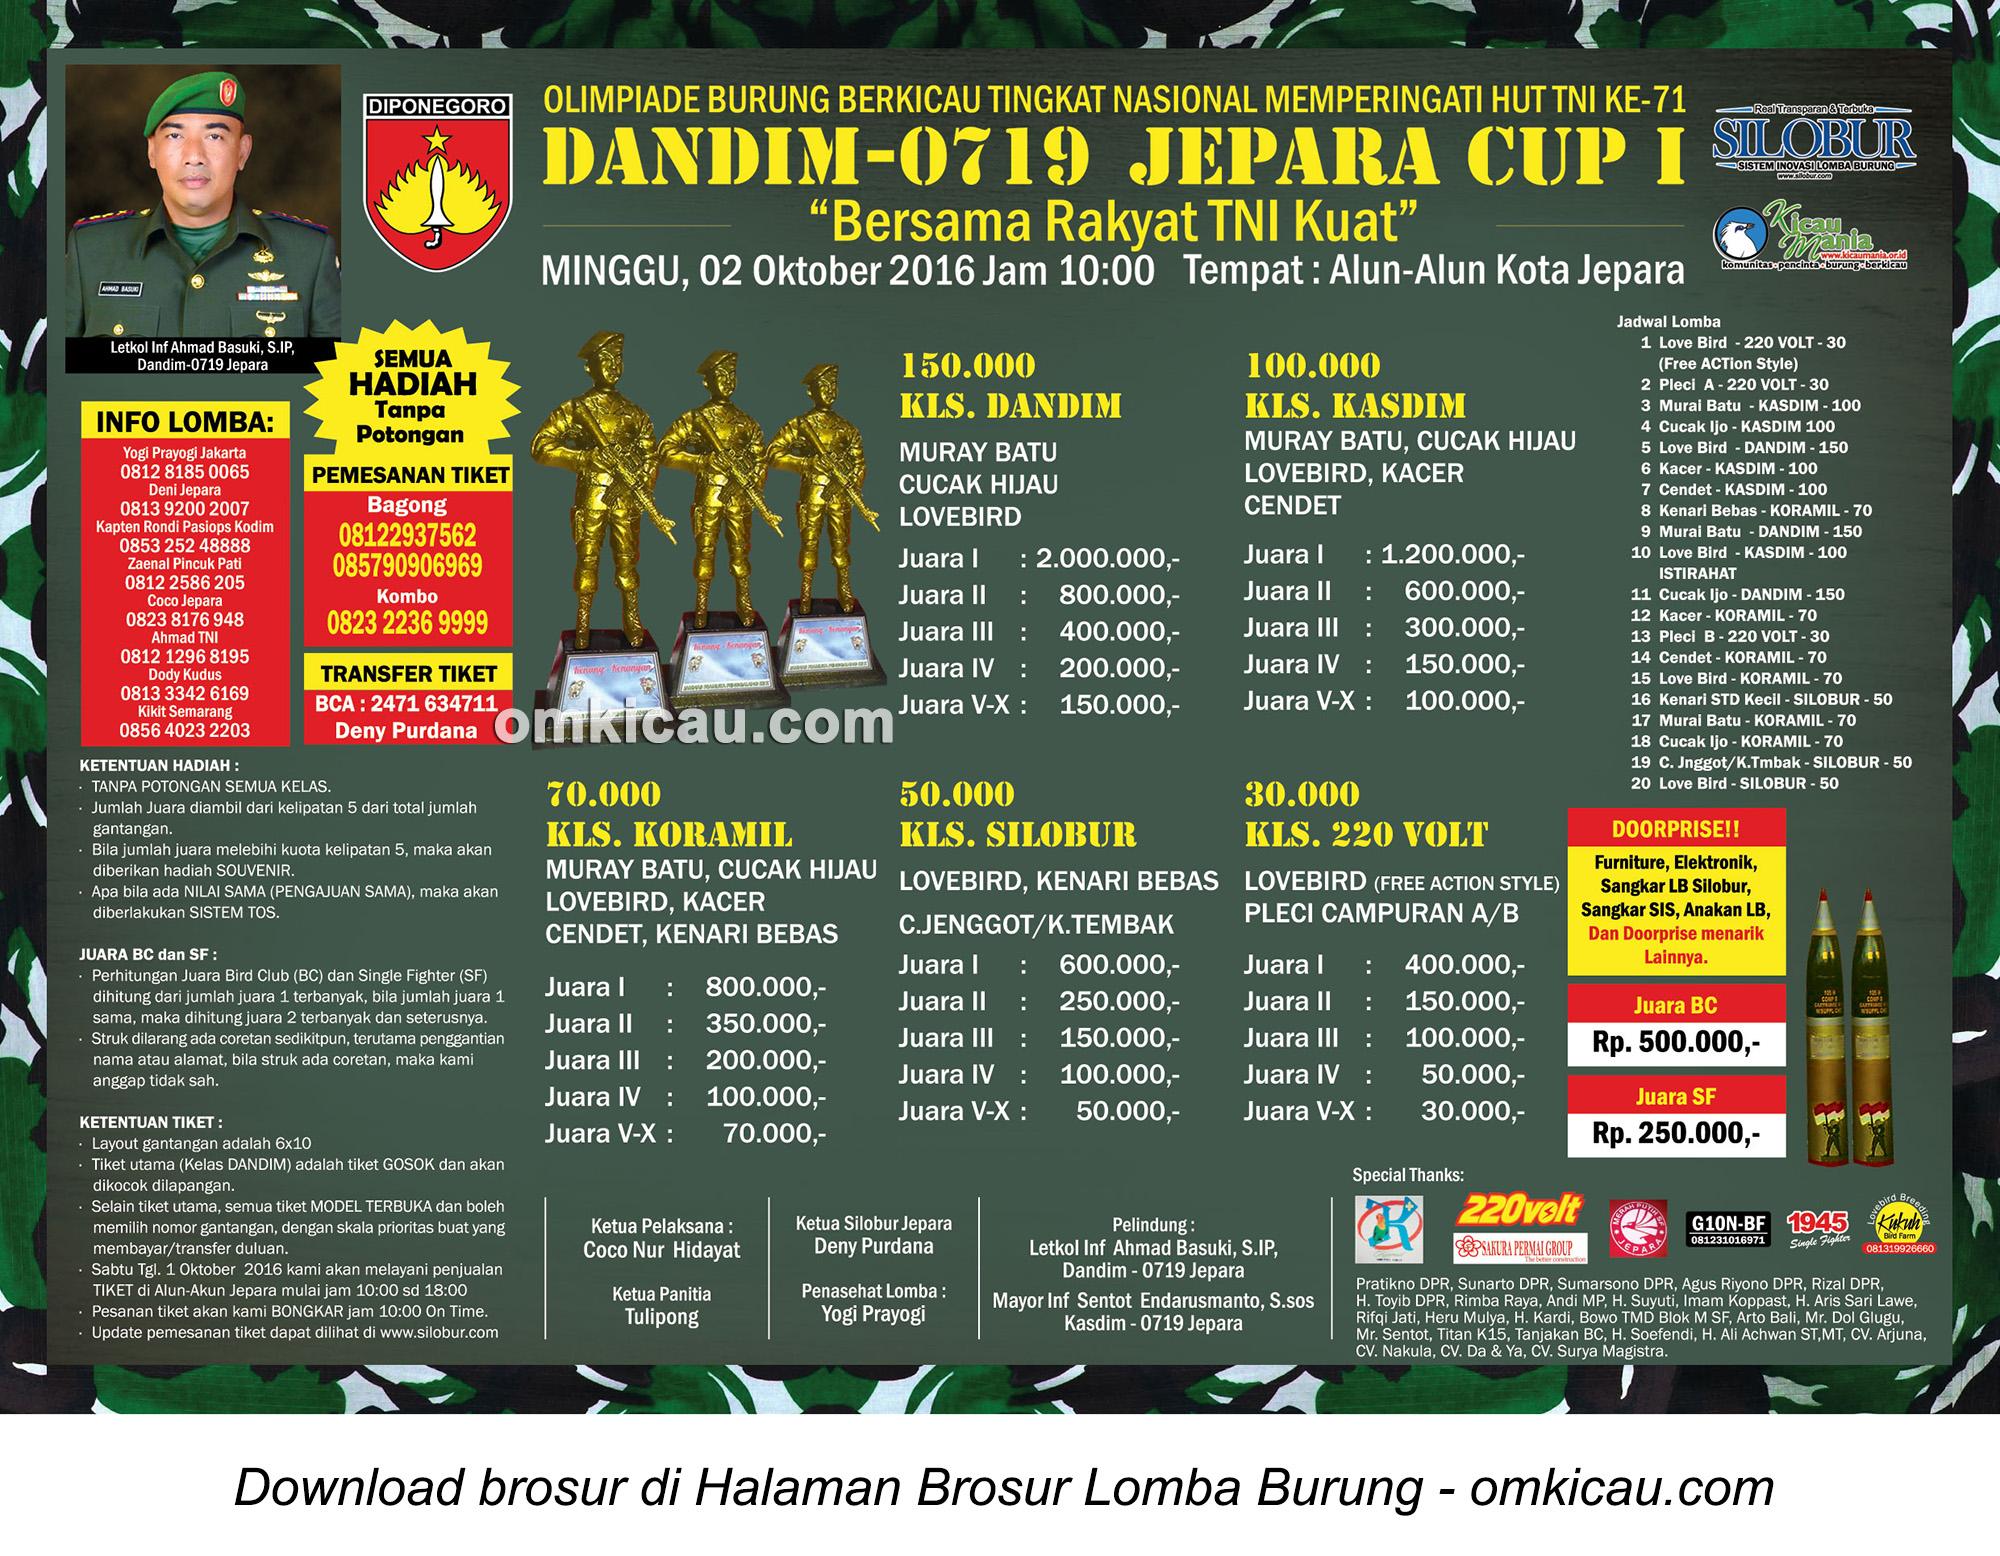 Brosur Revisi Lomba Burung Berkicau Dandim-0719 Jepara Cup, 2 Oktober 2016